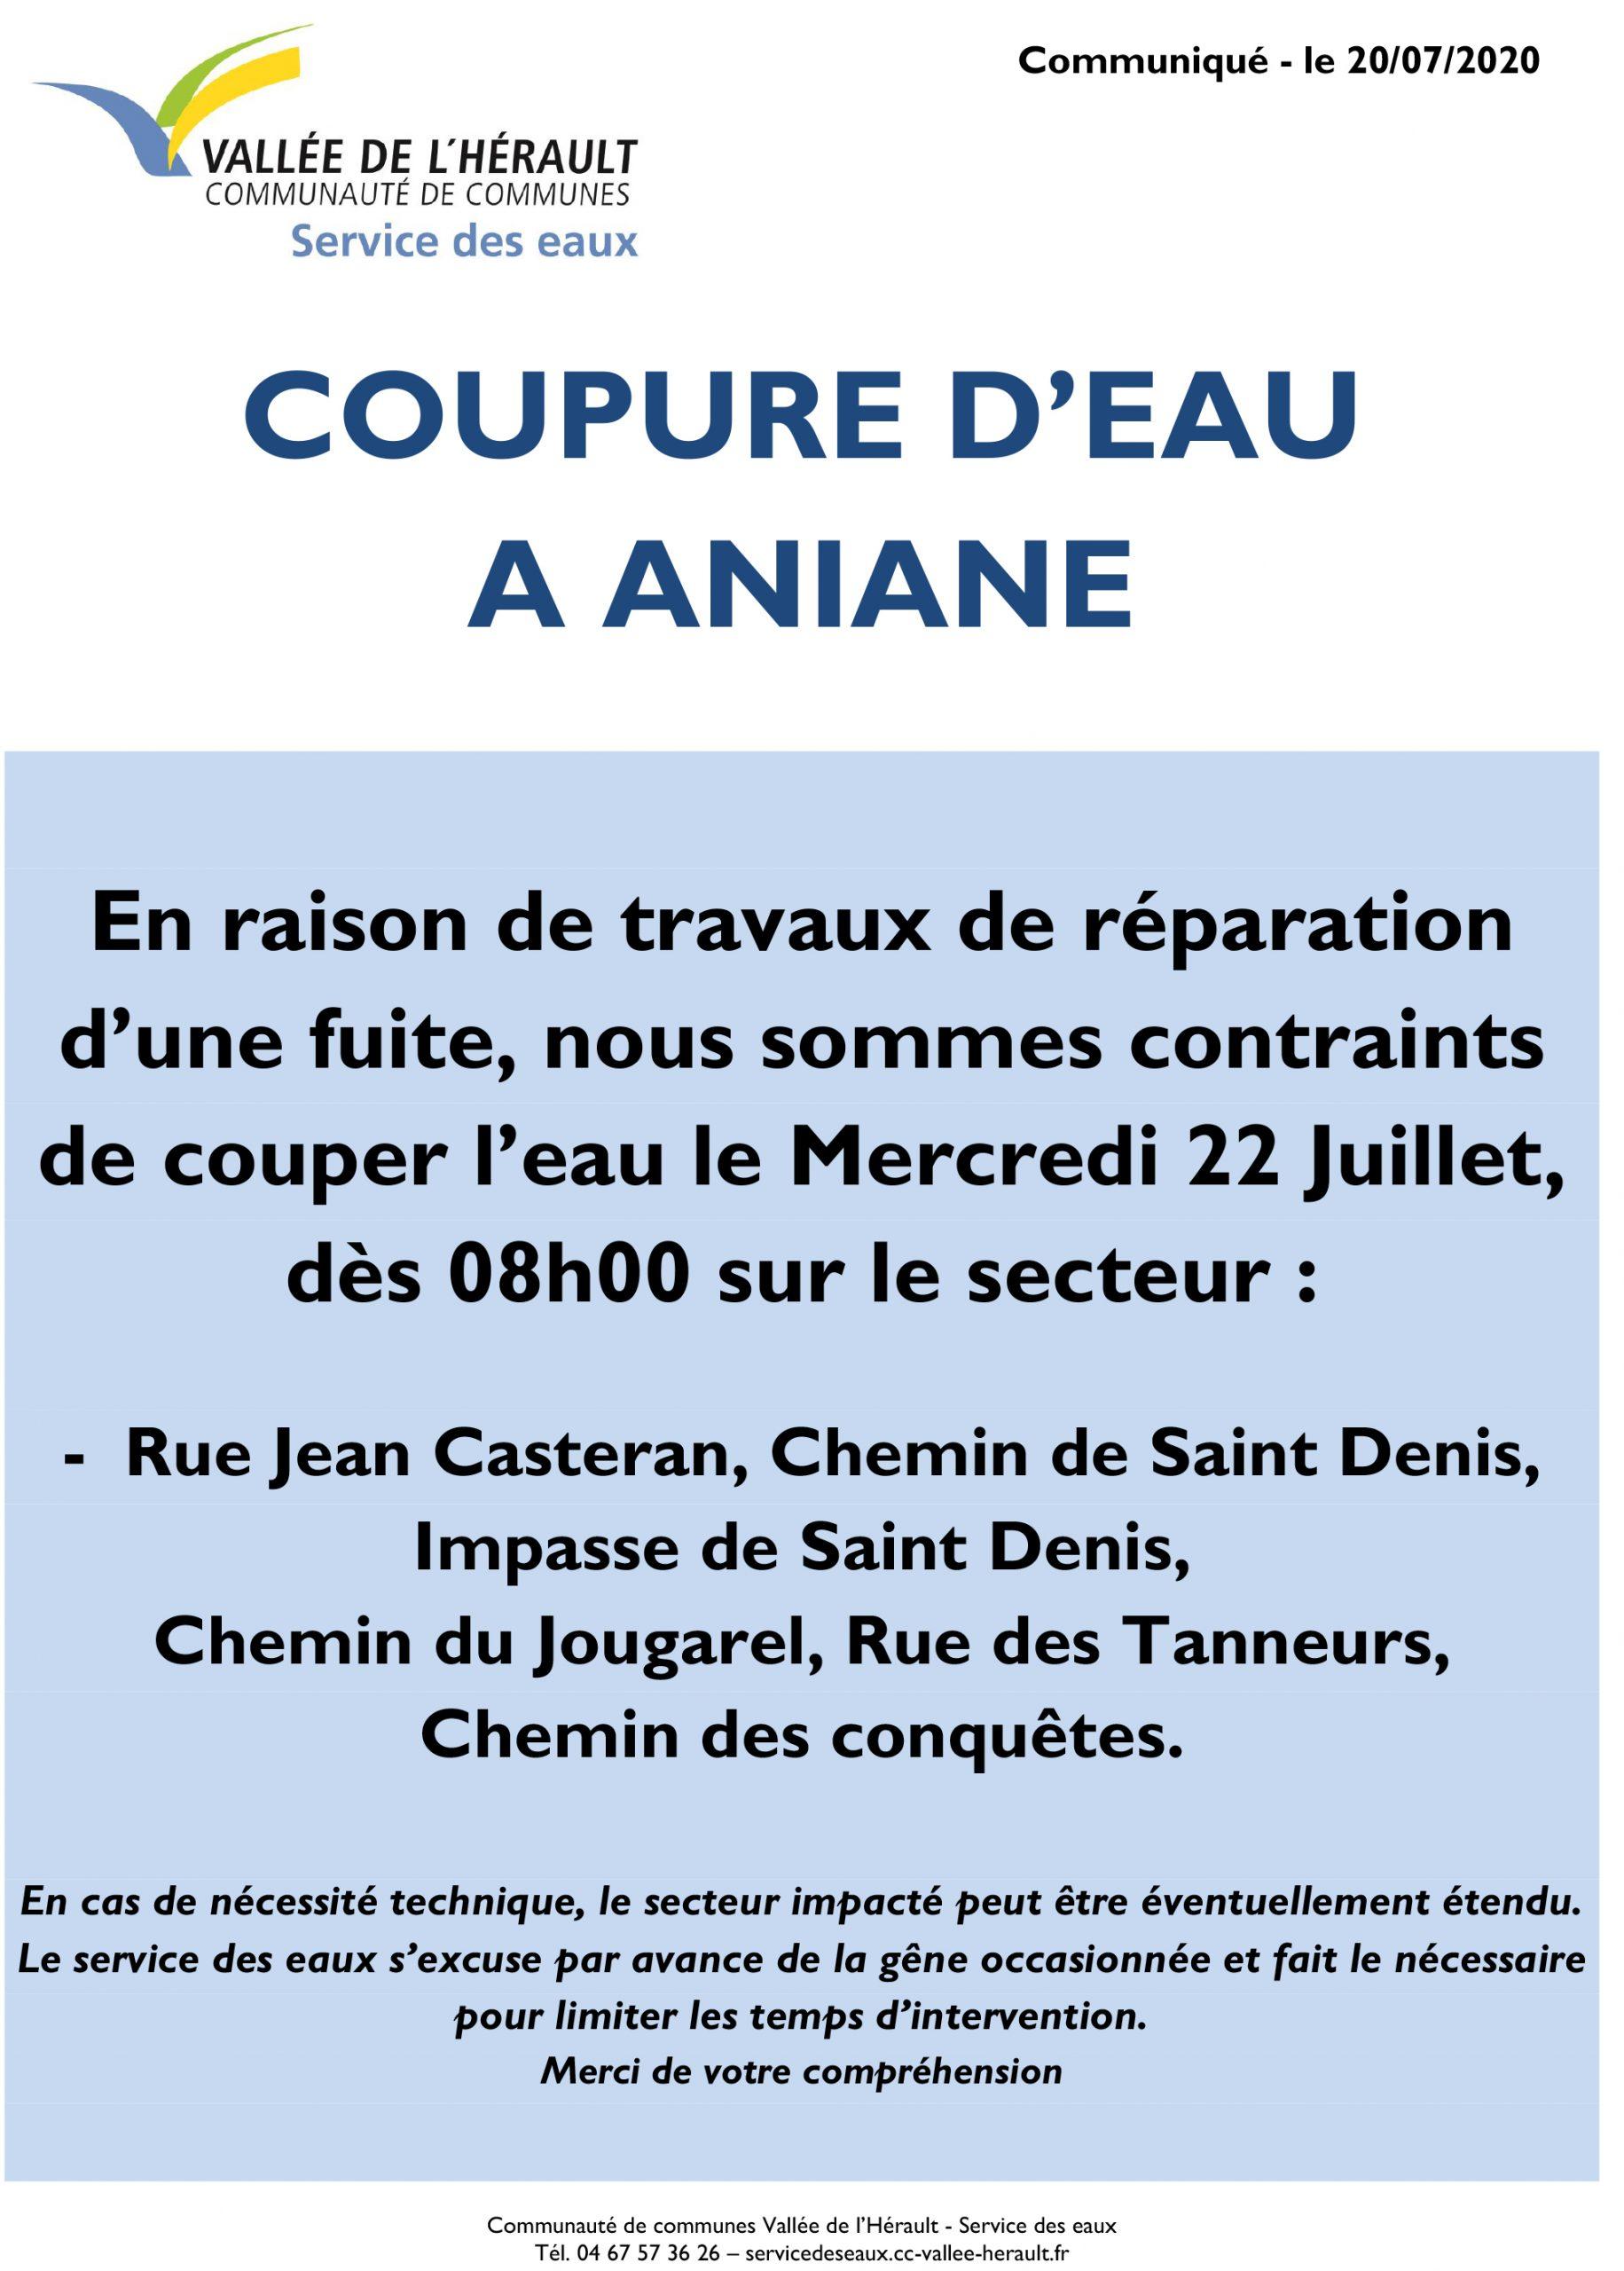 Communiqué Coupure eau 22.07.2020_Aniane